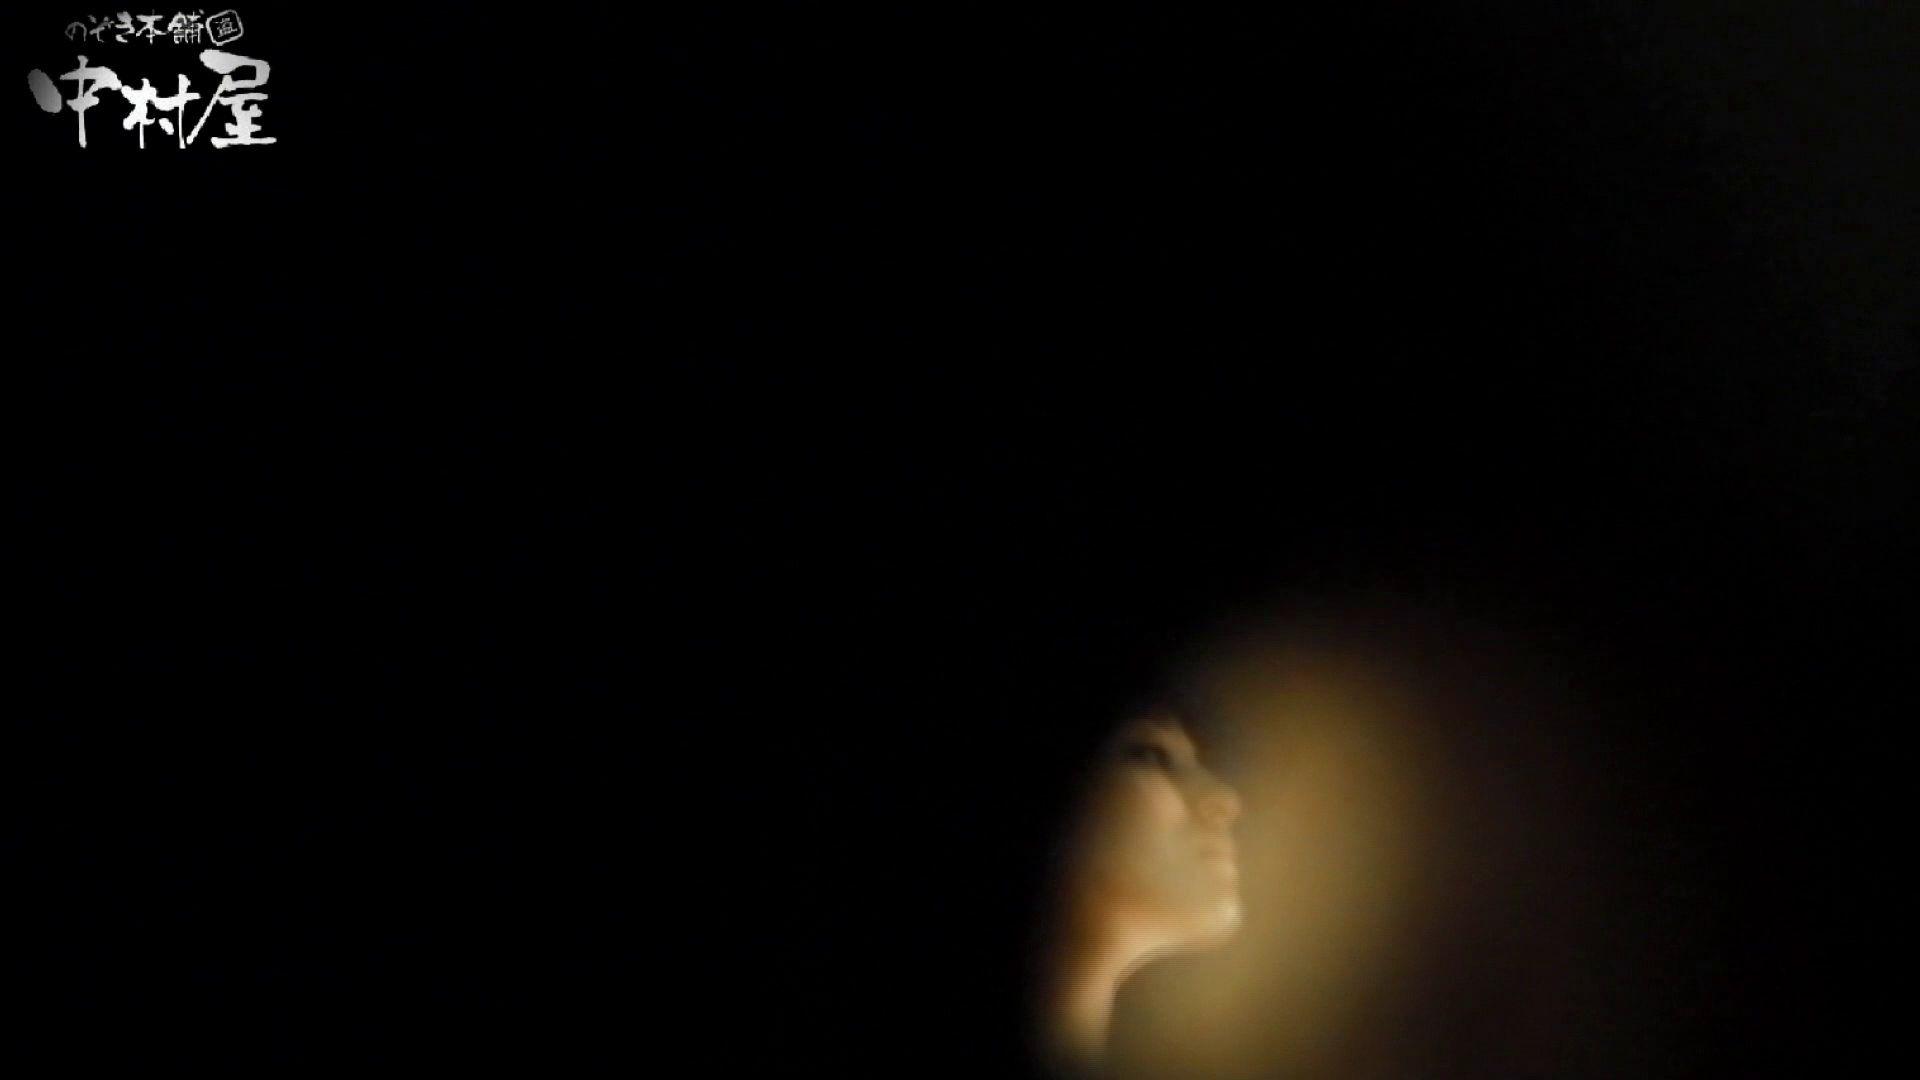 世界の射窓から~ステーション編~vol46 美女のアップが盛りだくさん。後編 美女ヌード  90画像 16